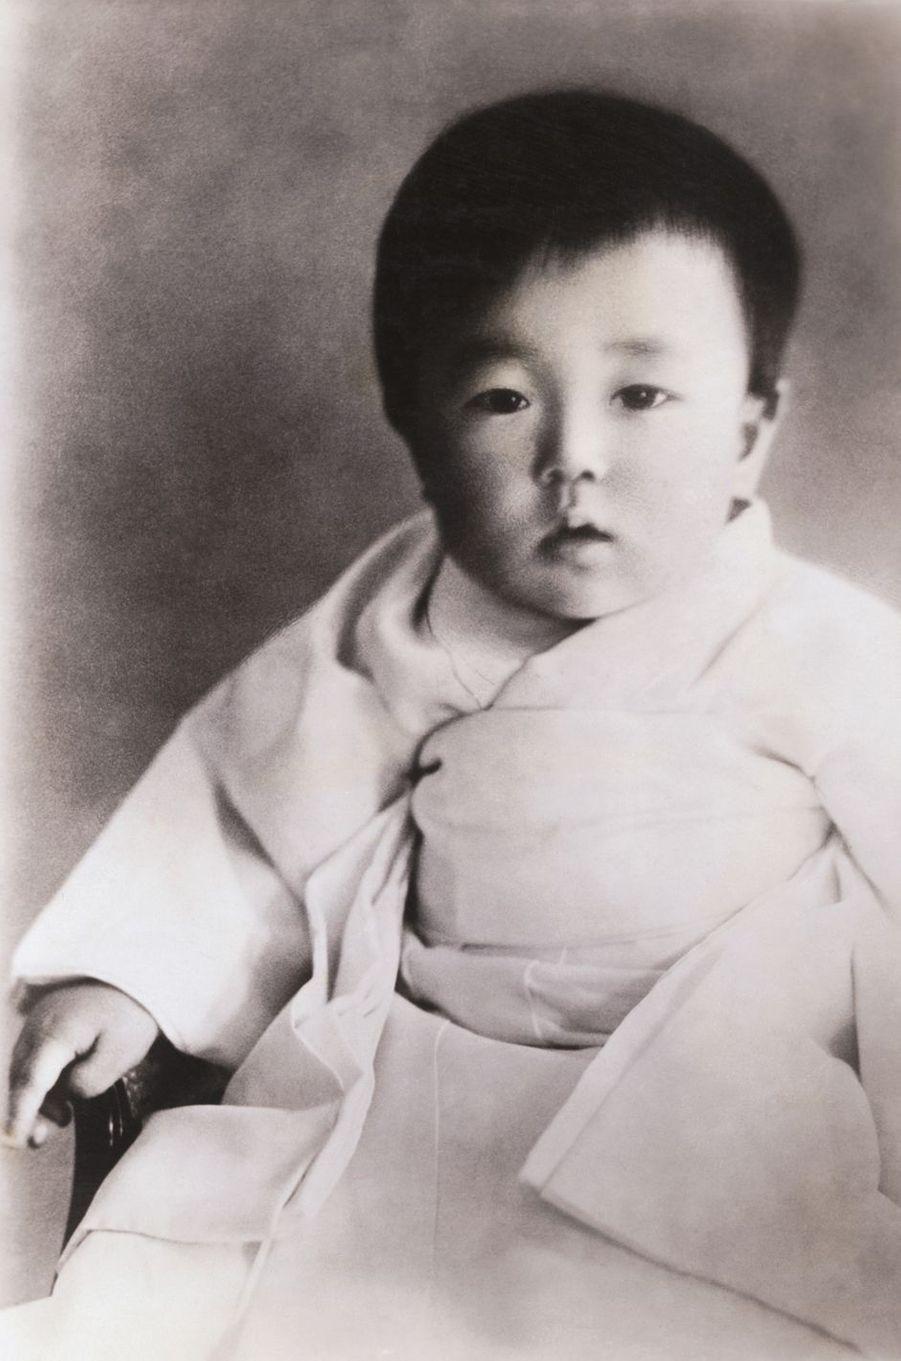 Le prince Hirohito du Japon. Photo non datée